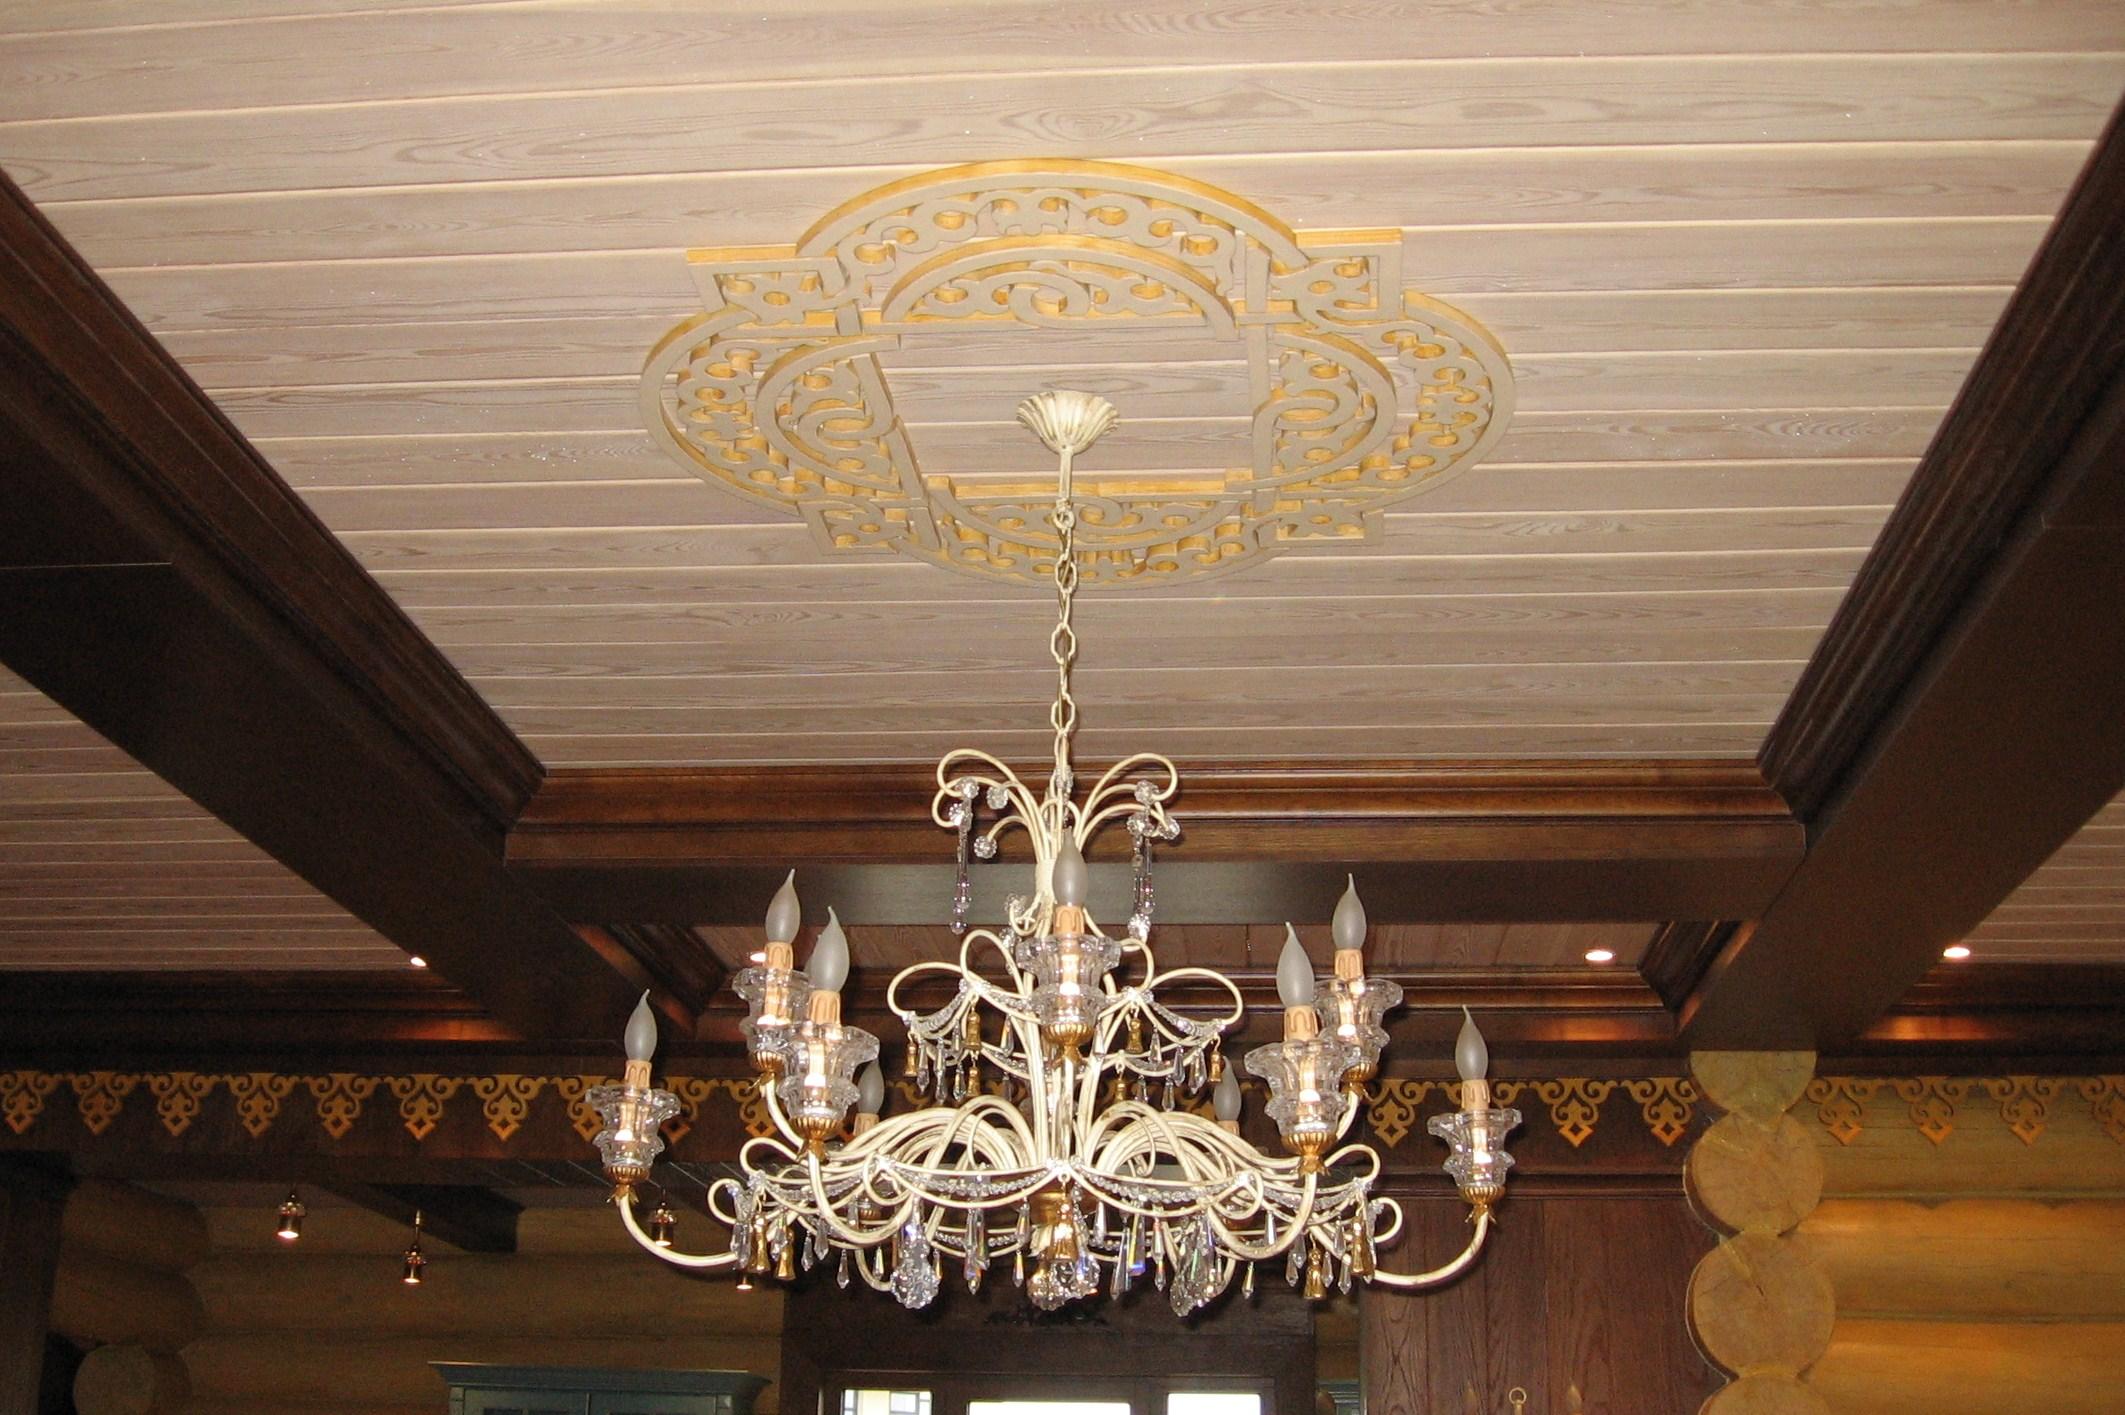 Внутренняя отделка деревянного дома, фрагмент потолка с резным орнаментом